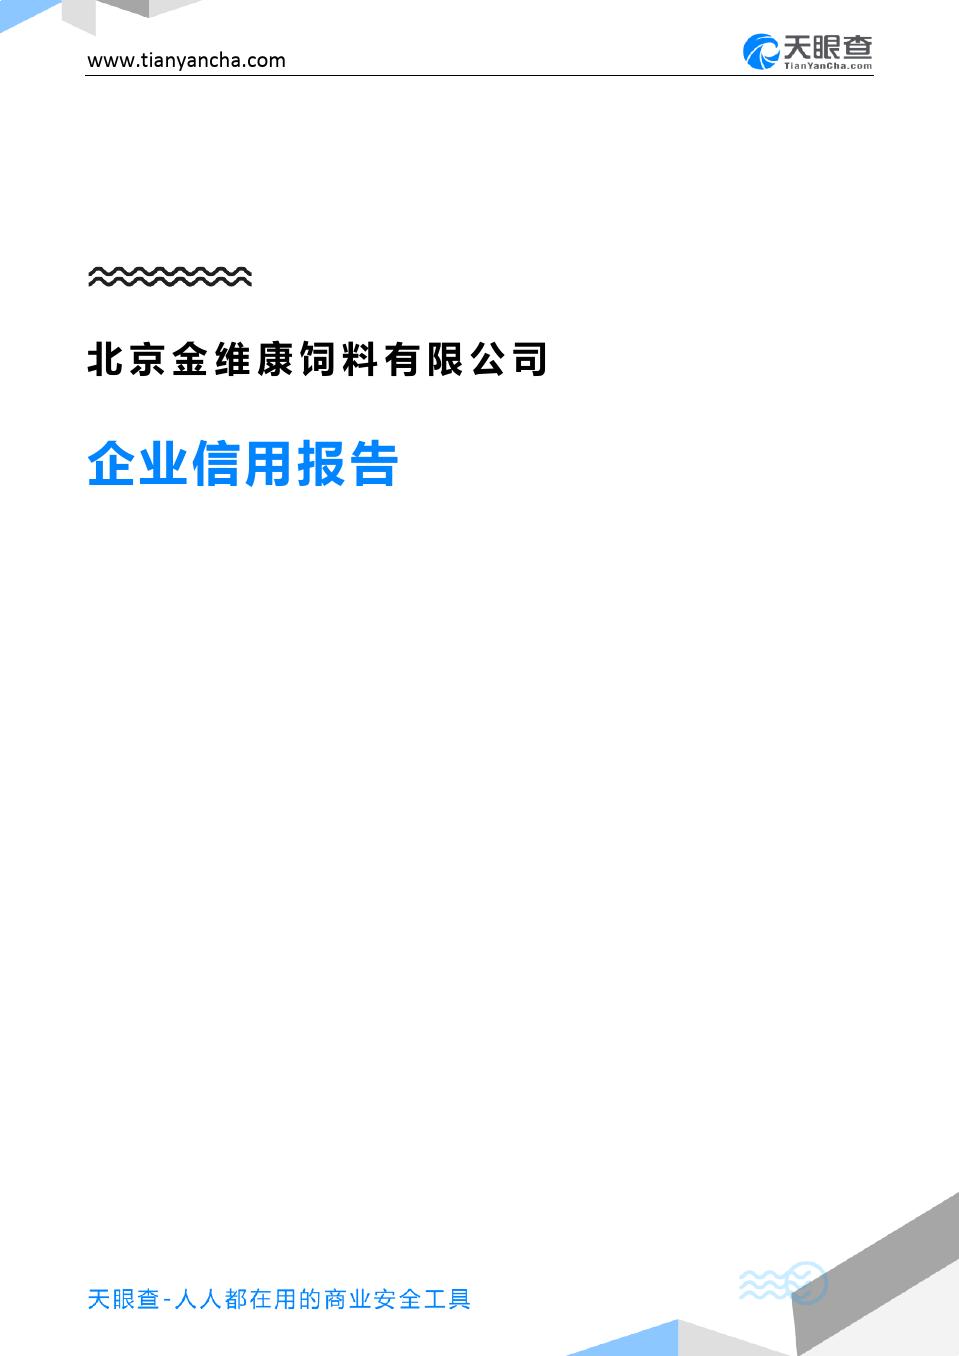 北京金维康饲料有限公司(企业信用报告)- 天眼查